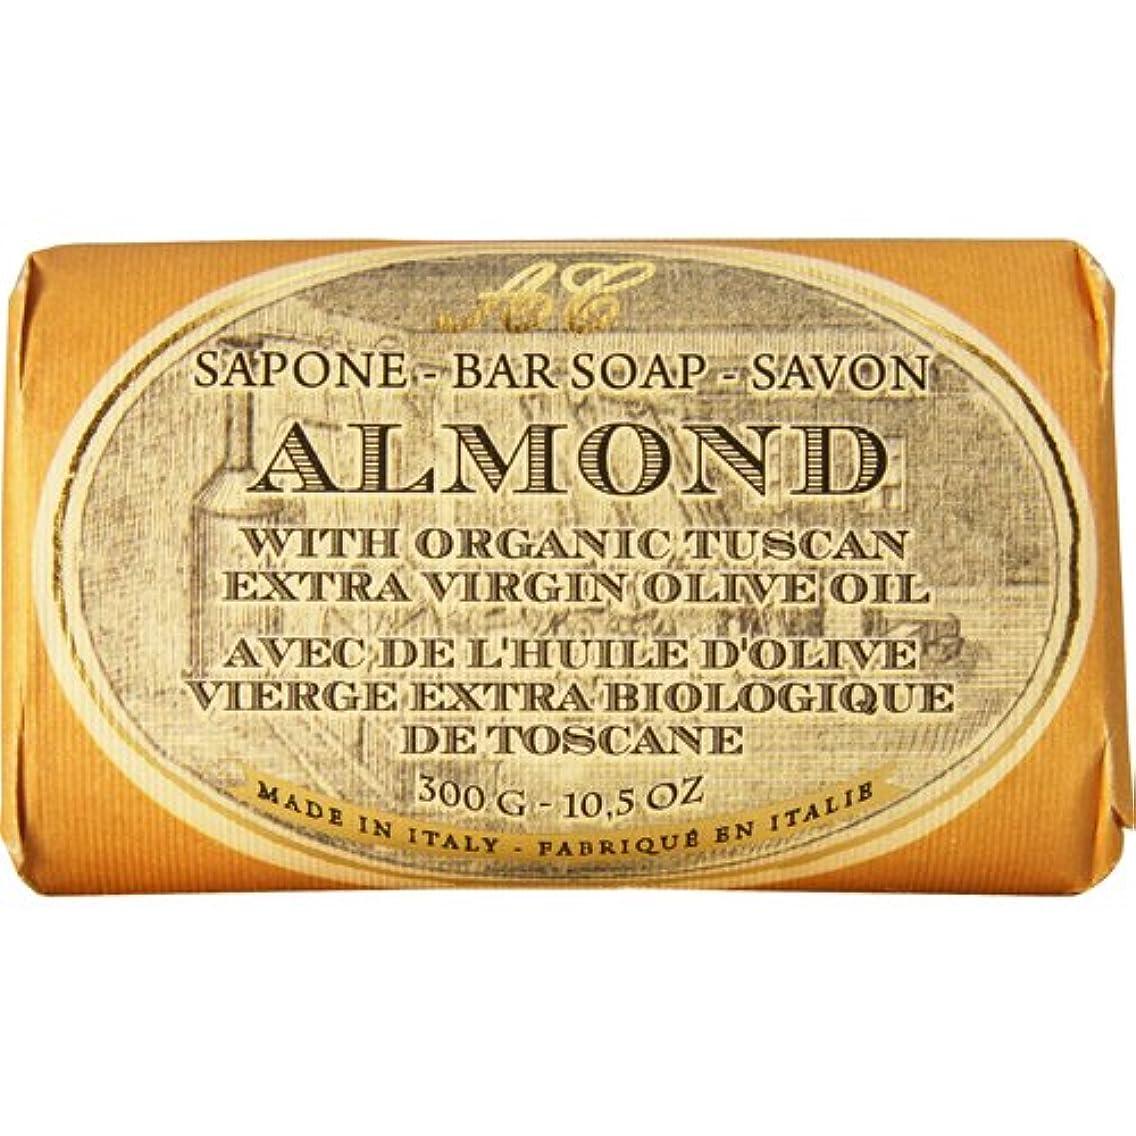 ソーシャル偽造投獄Saponerire Fissi レトロシリーズ Bar Soap バーソープ 300g Almond アーモンドオイル